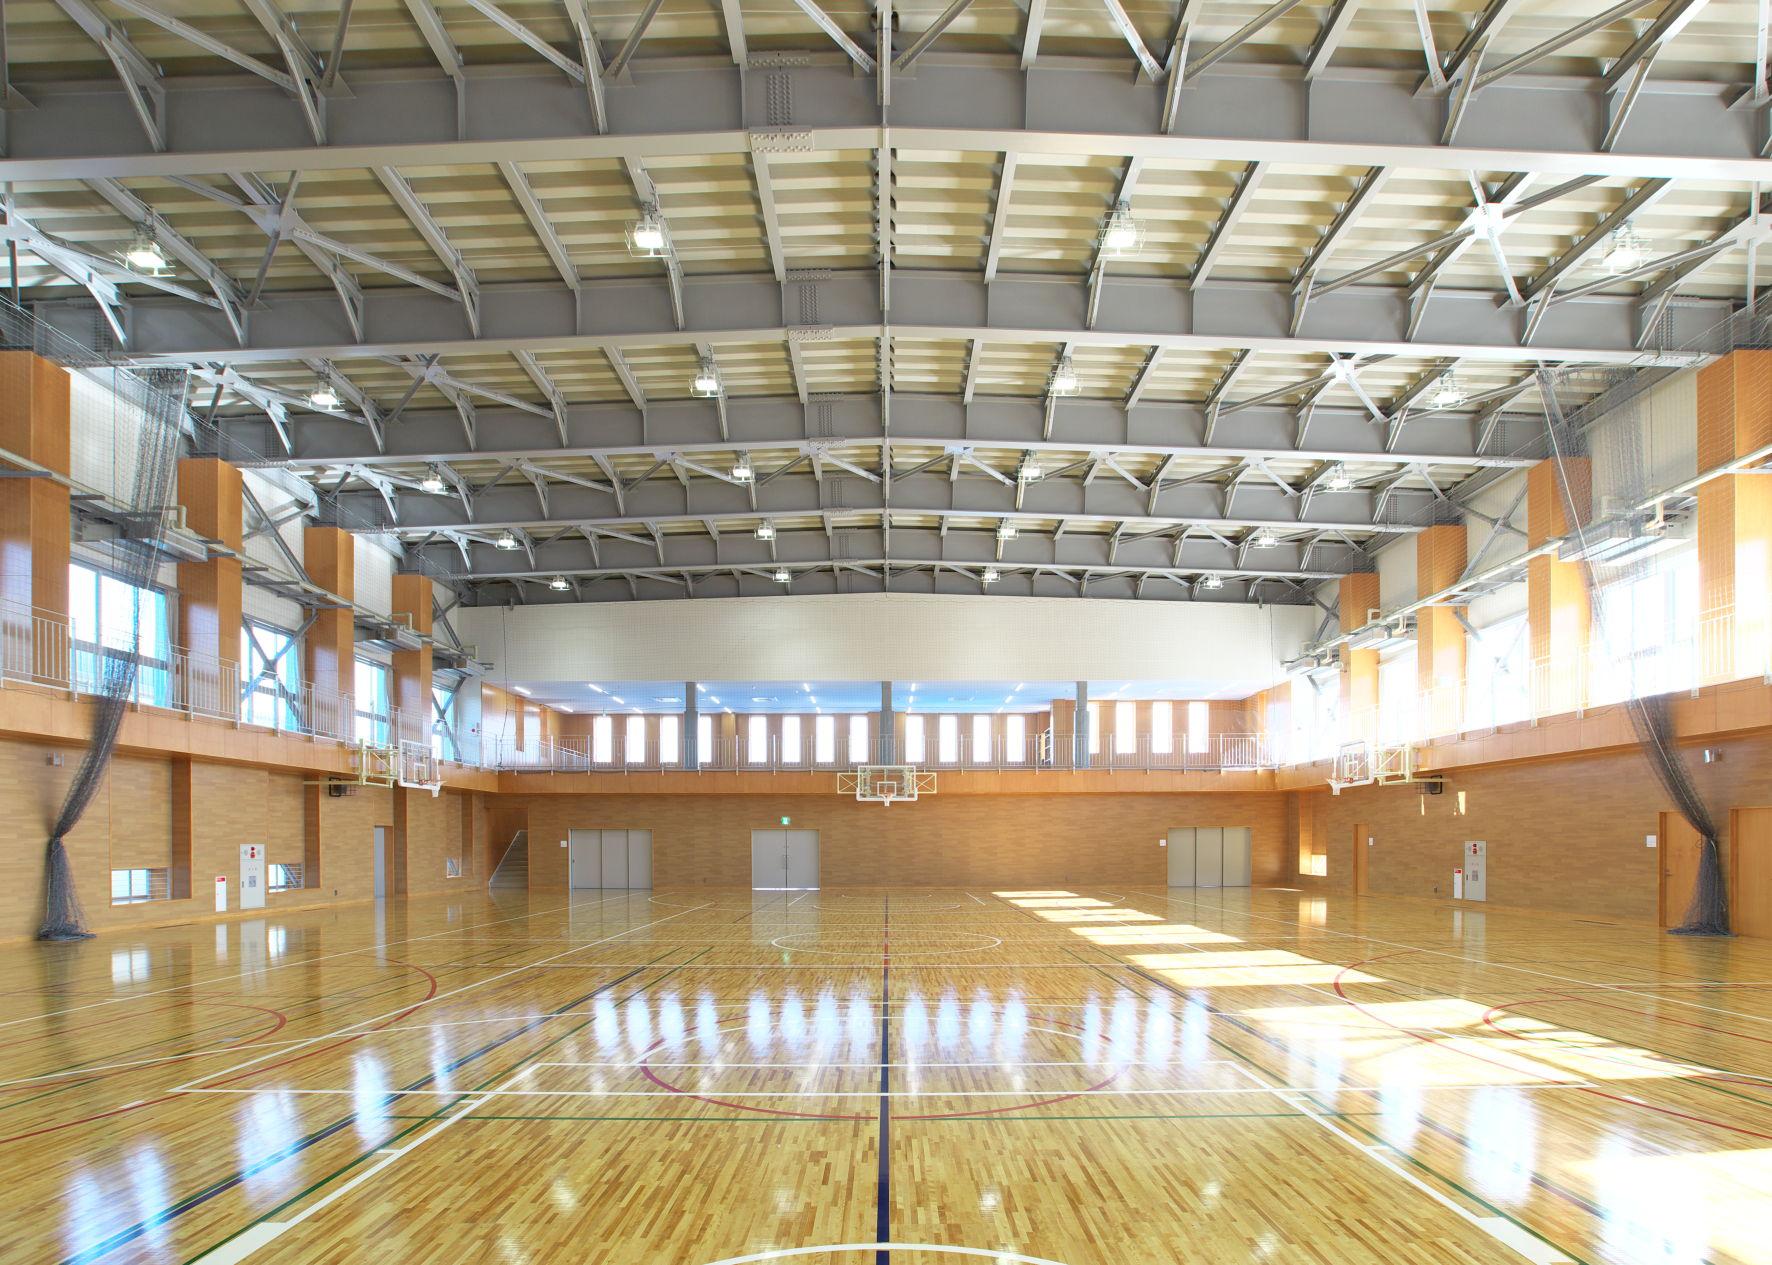 関根学園高等学校第2体育館新築建築工事